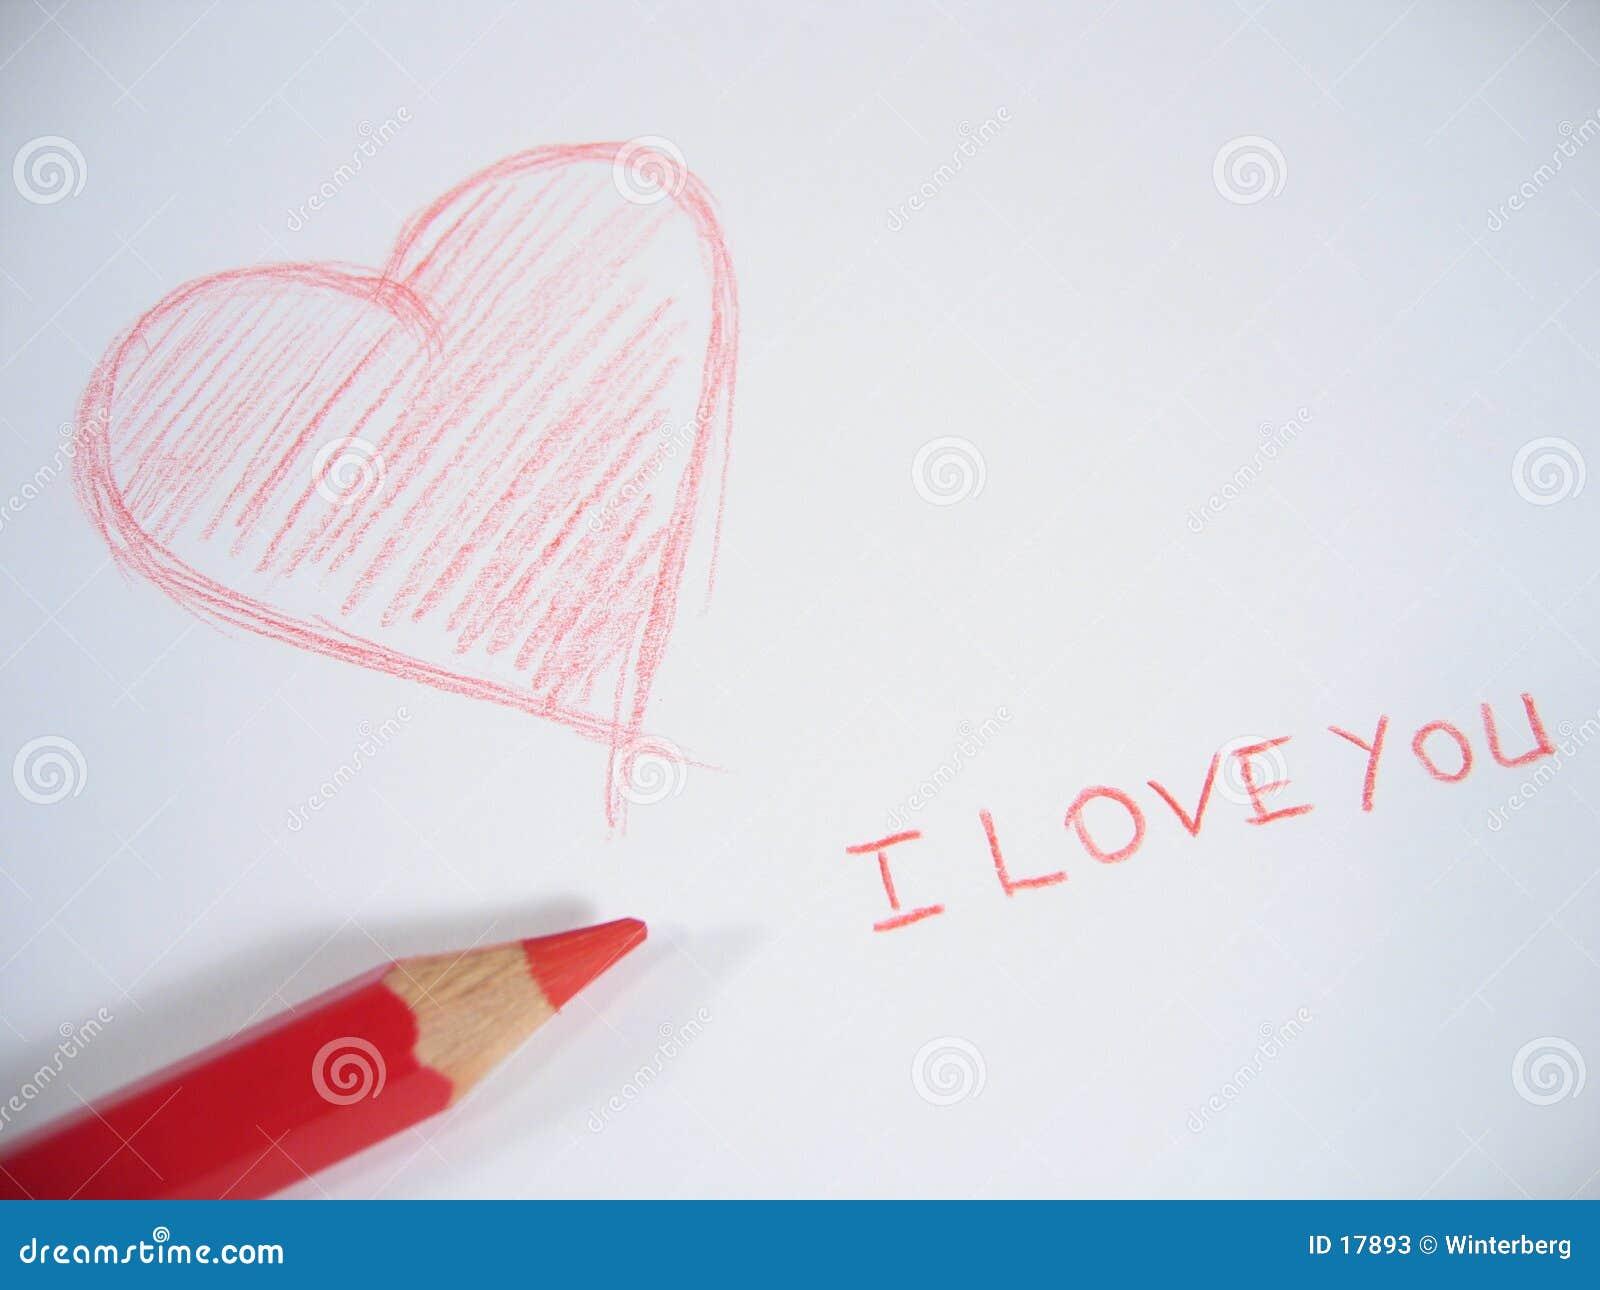 Ik houd van u I